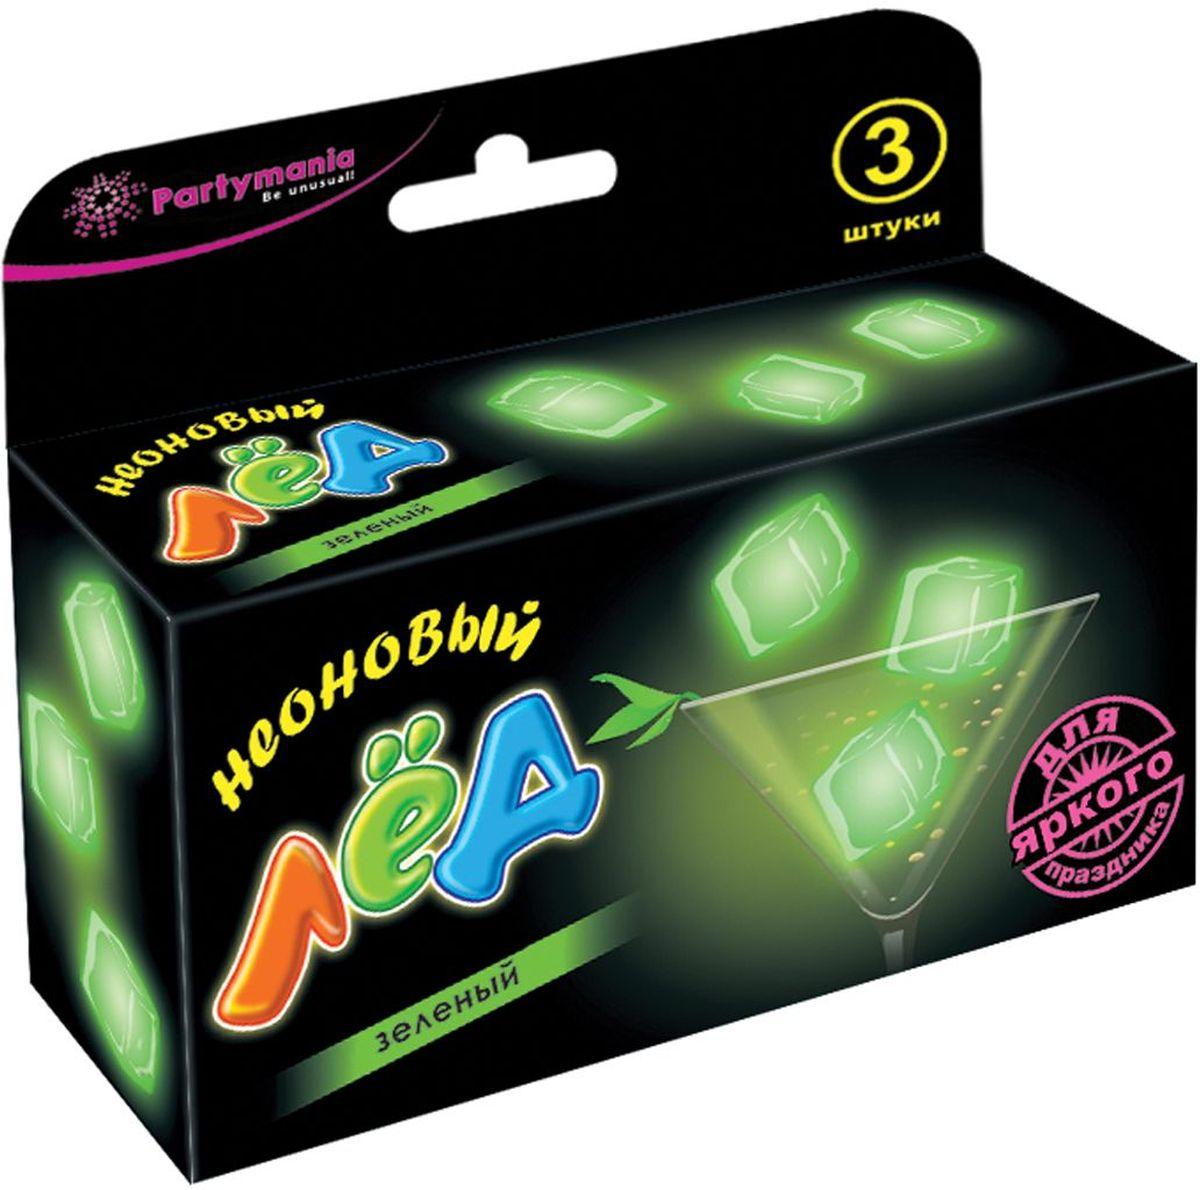 Partymania Неоновый лед цвет зеленый partymania украшения для бокалов 12 шт